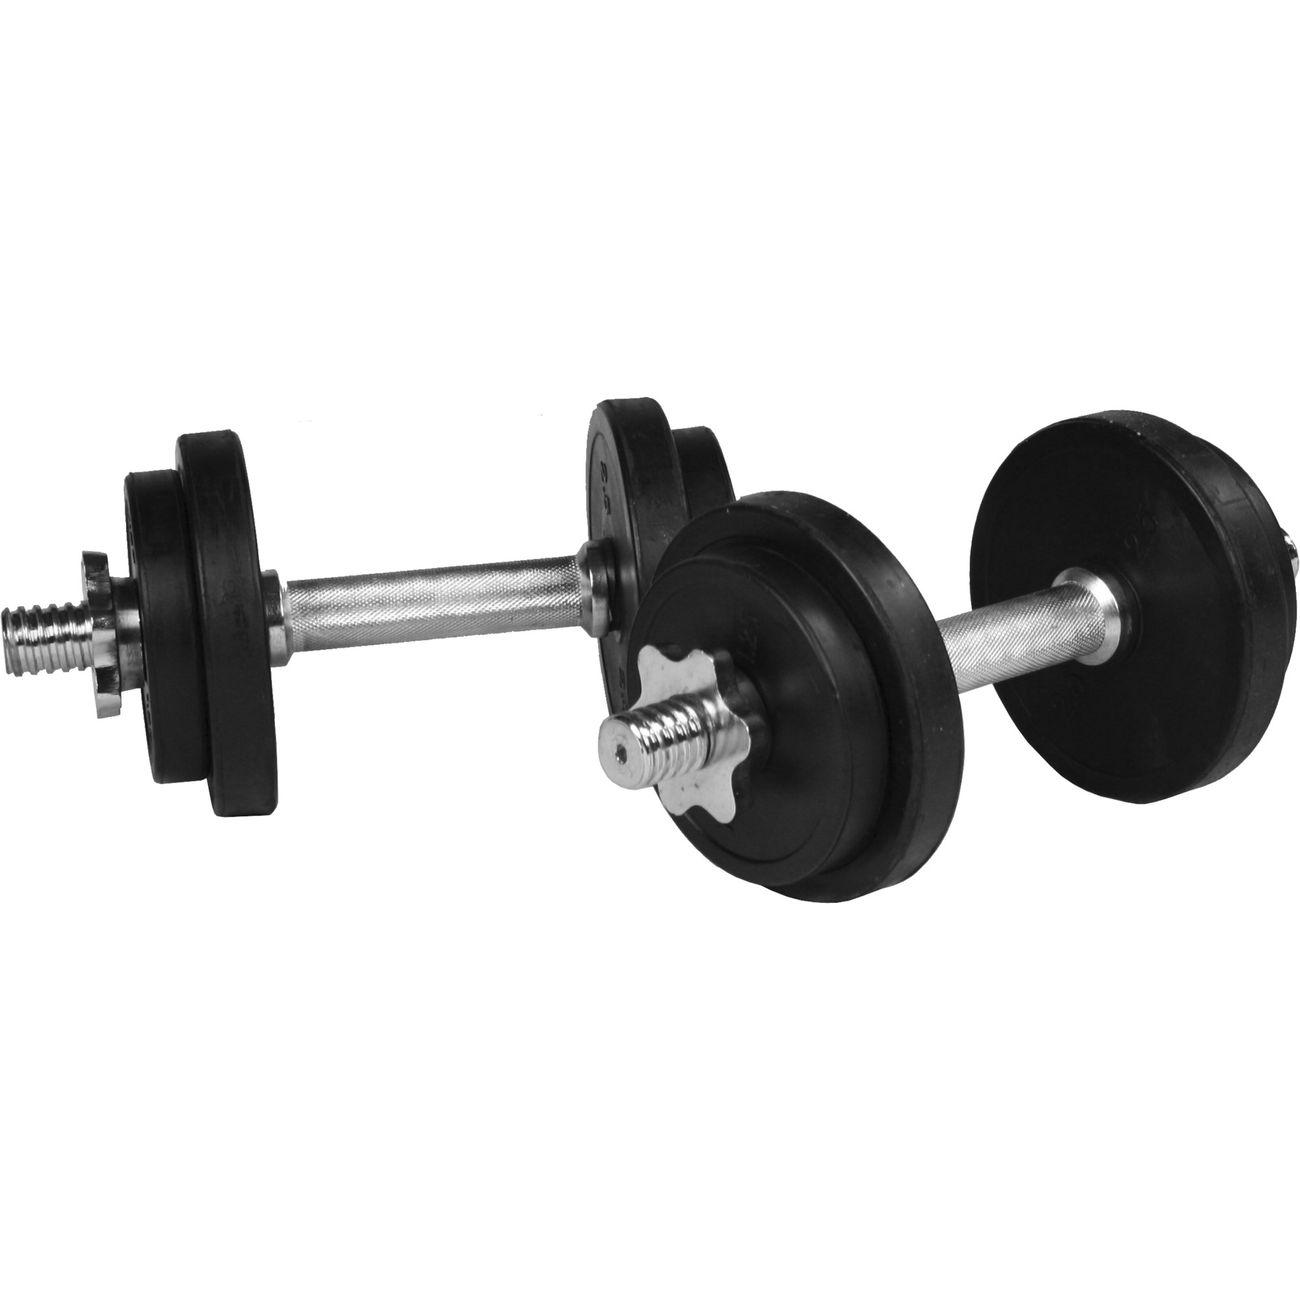 Musculation  GORILLA Gorilla Sports - Set d´haltères courts + disques en caoutchouc de 20 kg